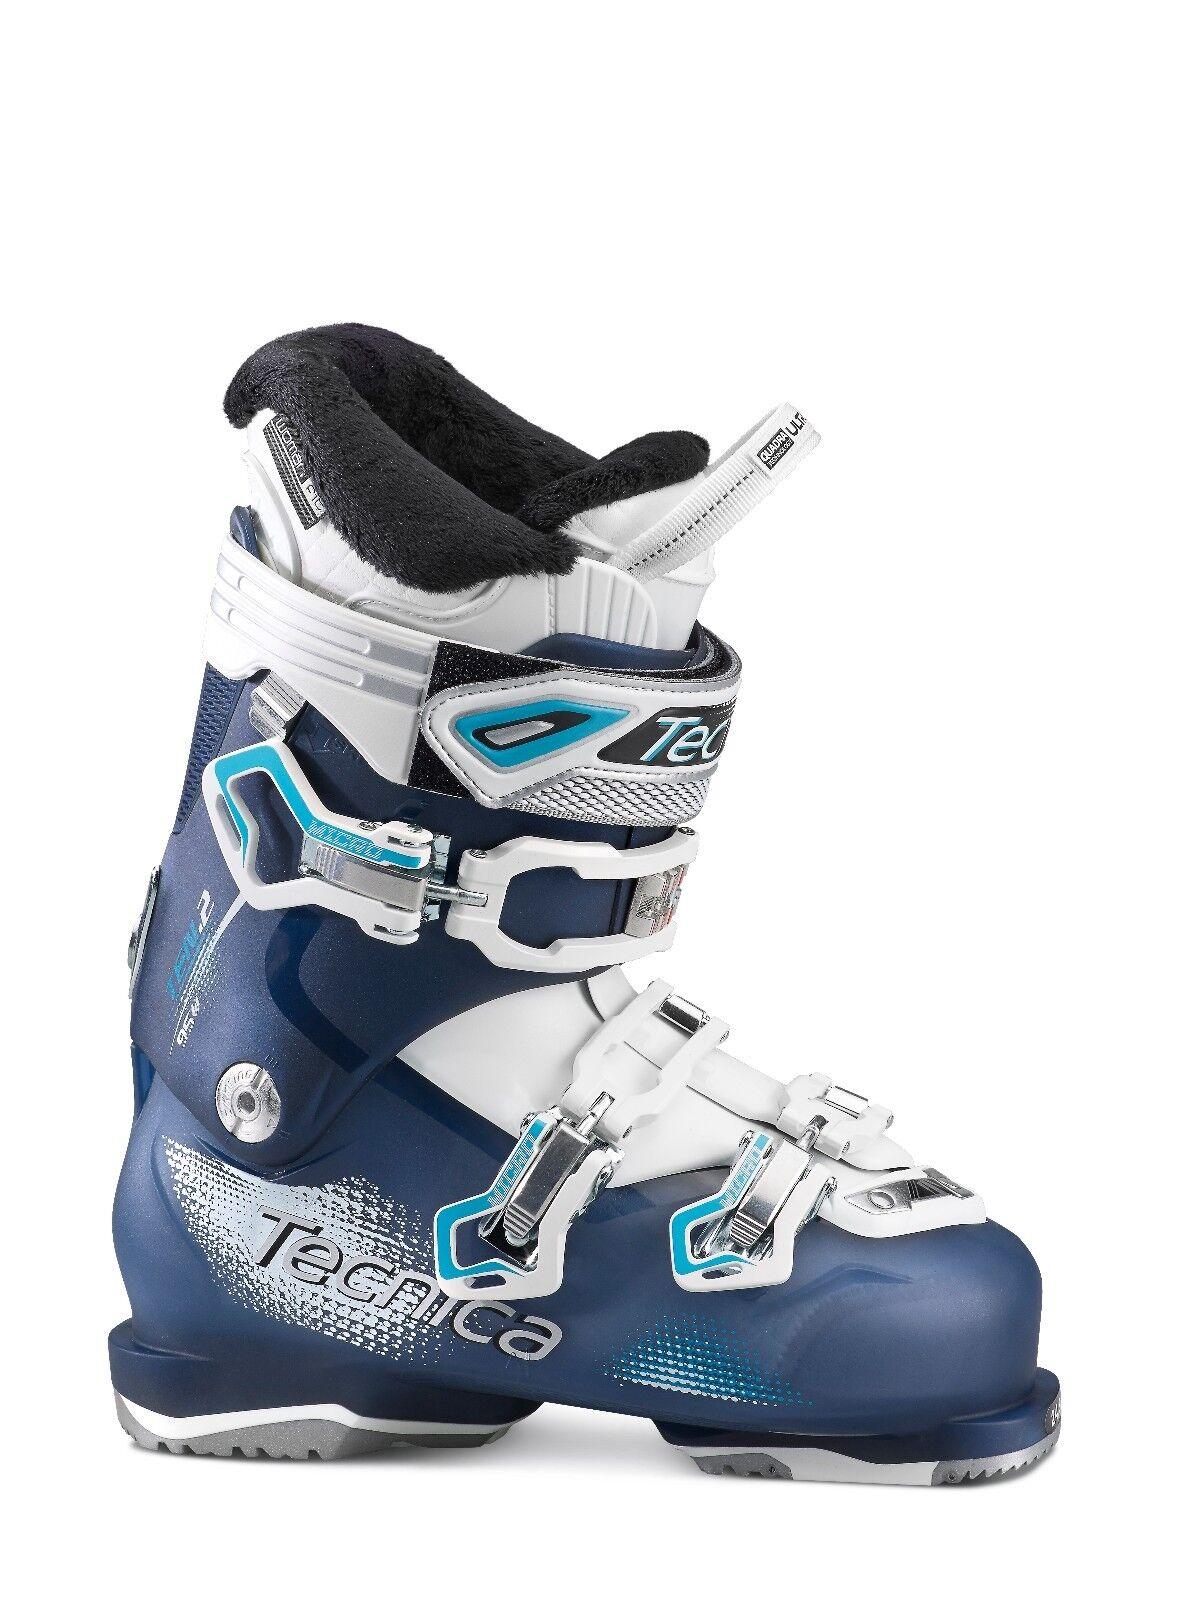 Tecnica 2015-16 Ten.2 95 C.A. Blau/Blau 25.5 Damenschuhe Ski Stiefel